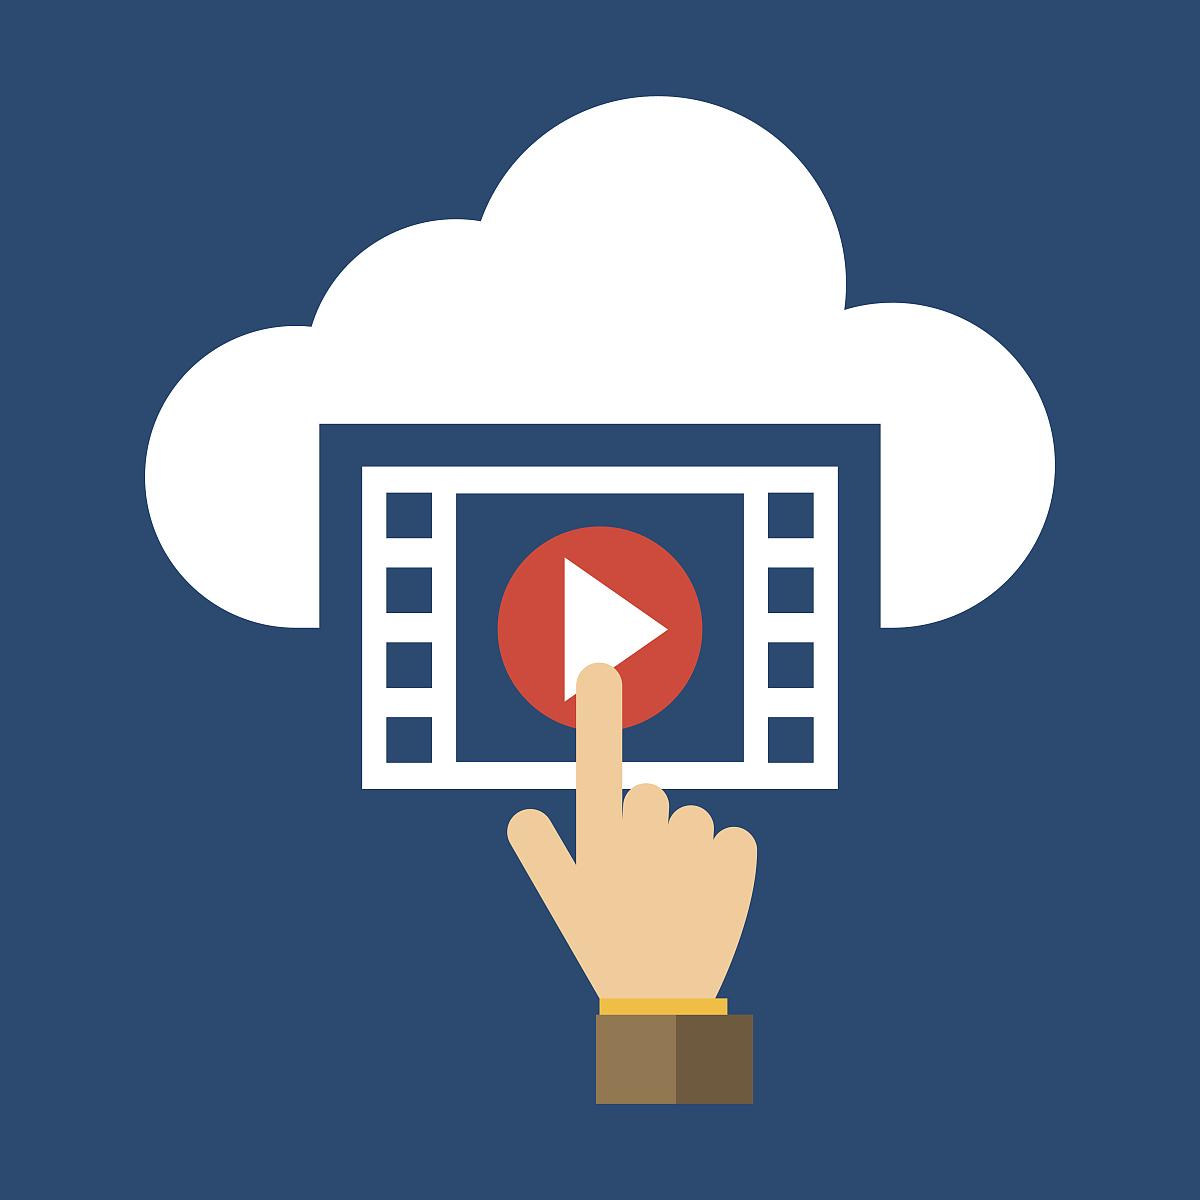 视频_视频,手和云平面设计图标-矢量